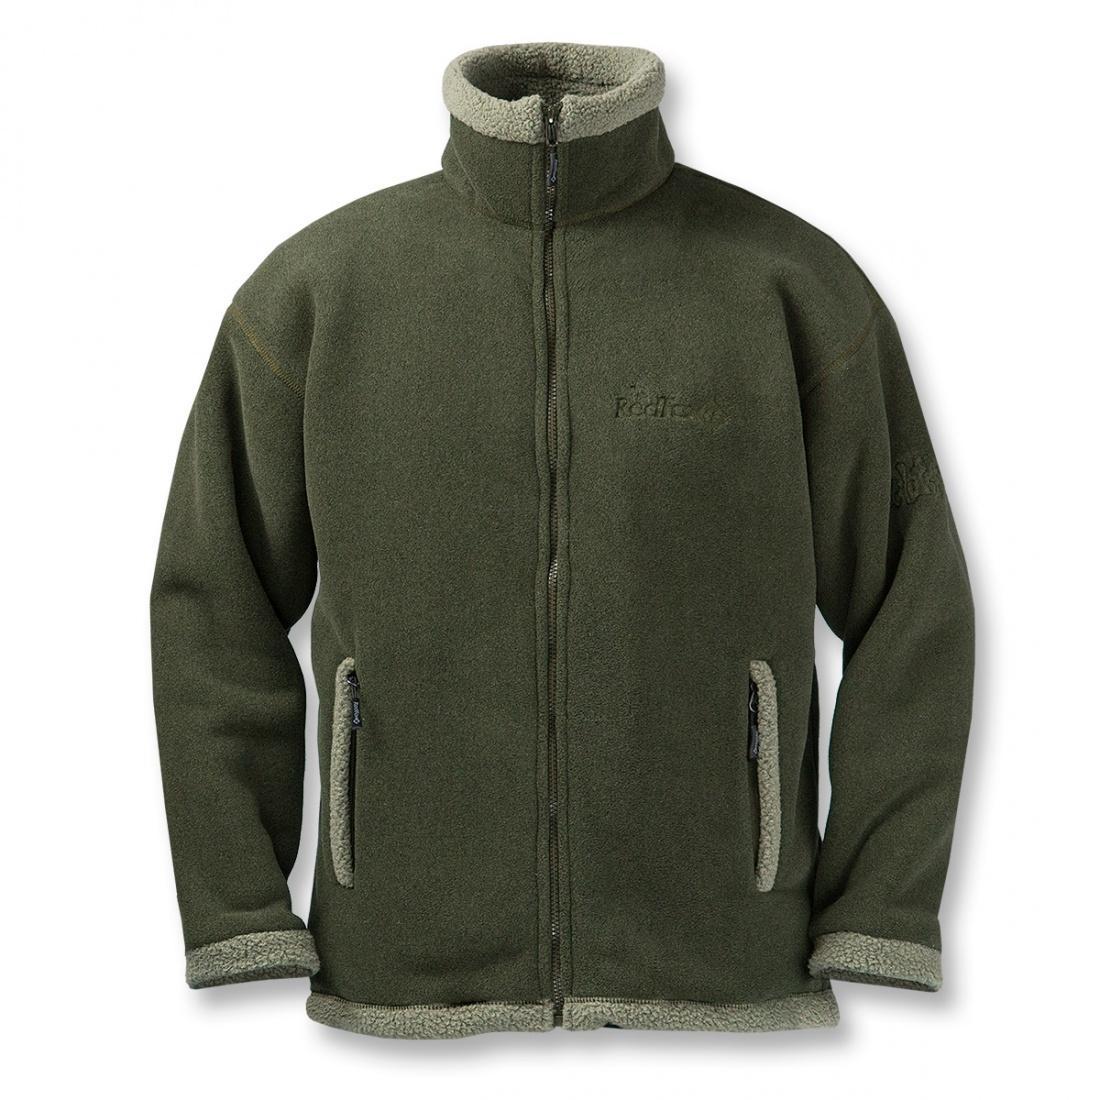 Куртка Cliff МужскаКуртки<br><br> Модель курток Сliff признана одной из самых популрных в коллекции Red Fox среди изделий из материаловPolartec®.<br><br><br> <br><br><br><br><br>Материал –Polartec® 300, 100% PolyesterKnit, 376 g/sqm.<br>Посадка – Regula...<br><br>Цвет: Хаки<br>Размер: 46